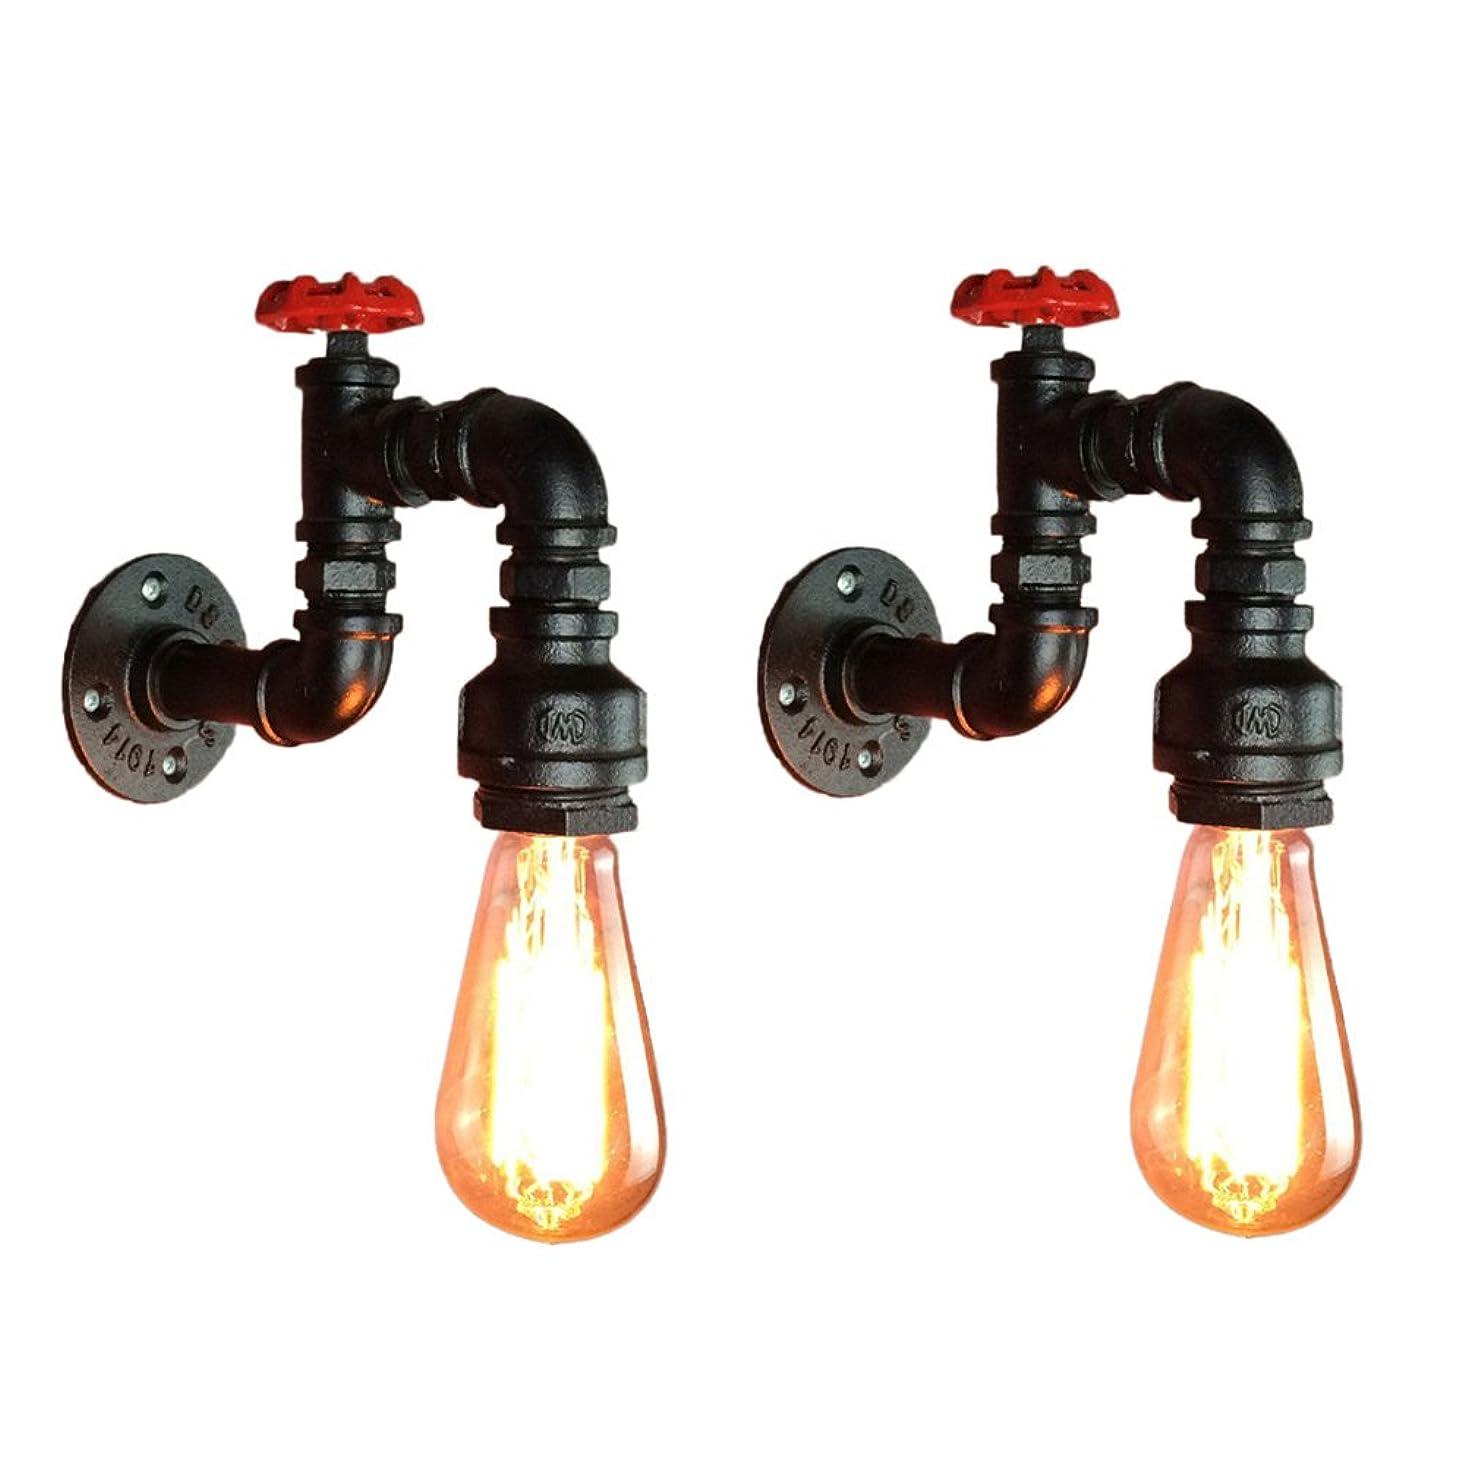 六オンス記述するDCCRBR 産業スタイルの屋根裏部屋の水道管の壁ランプの鉄の壁ランプのバルコニーの通路のレストランの寝室の照明E27 装飾的な壁の光